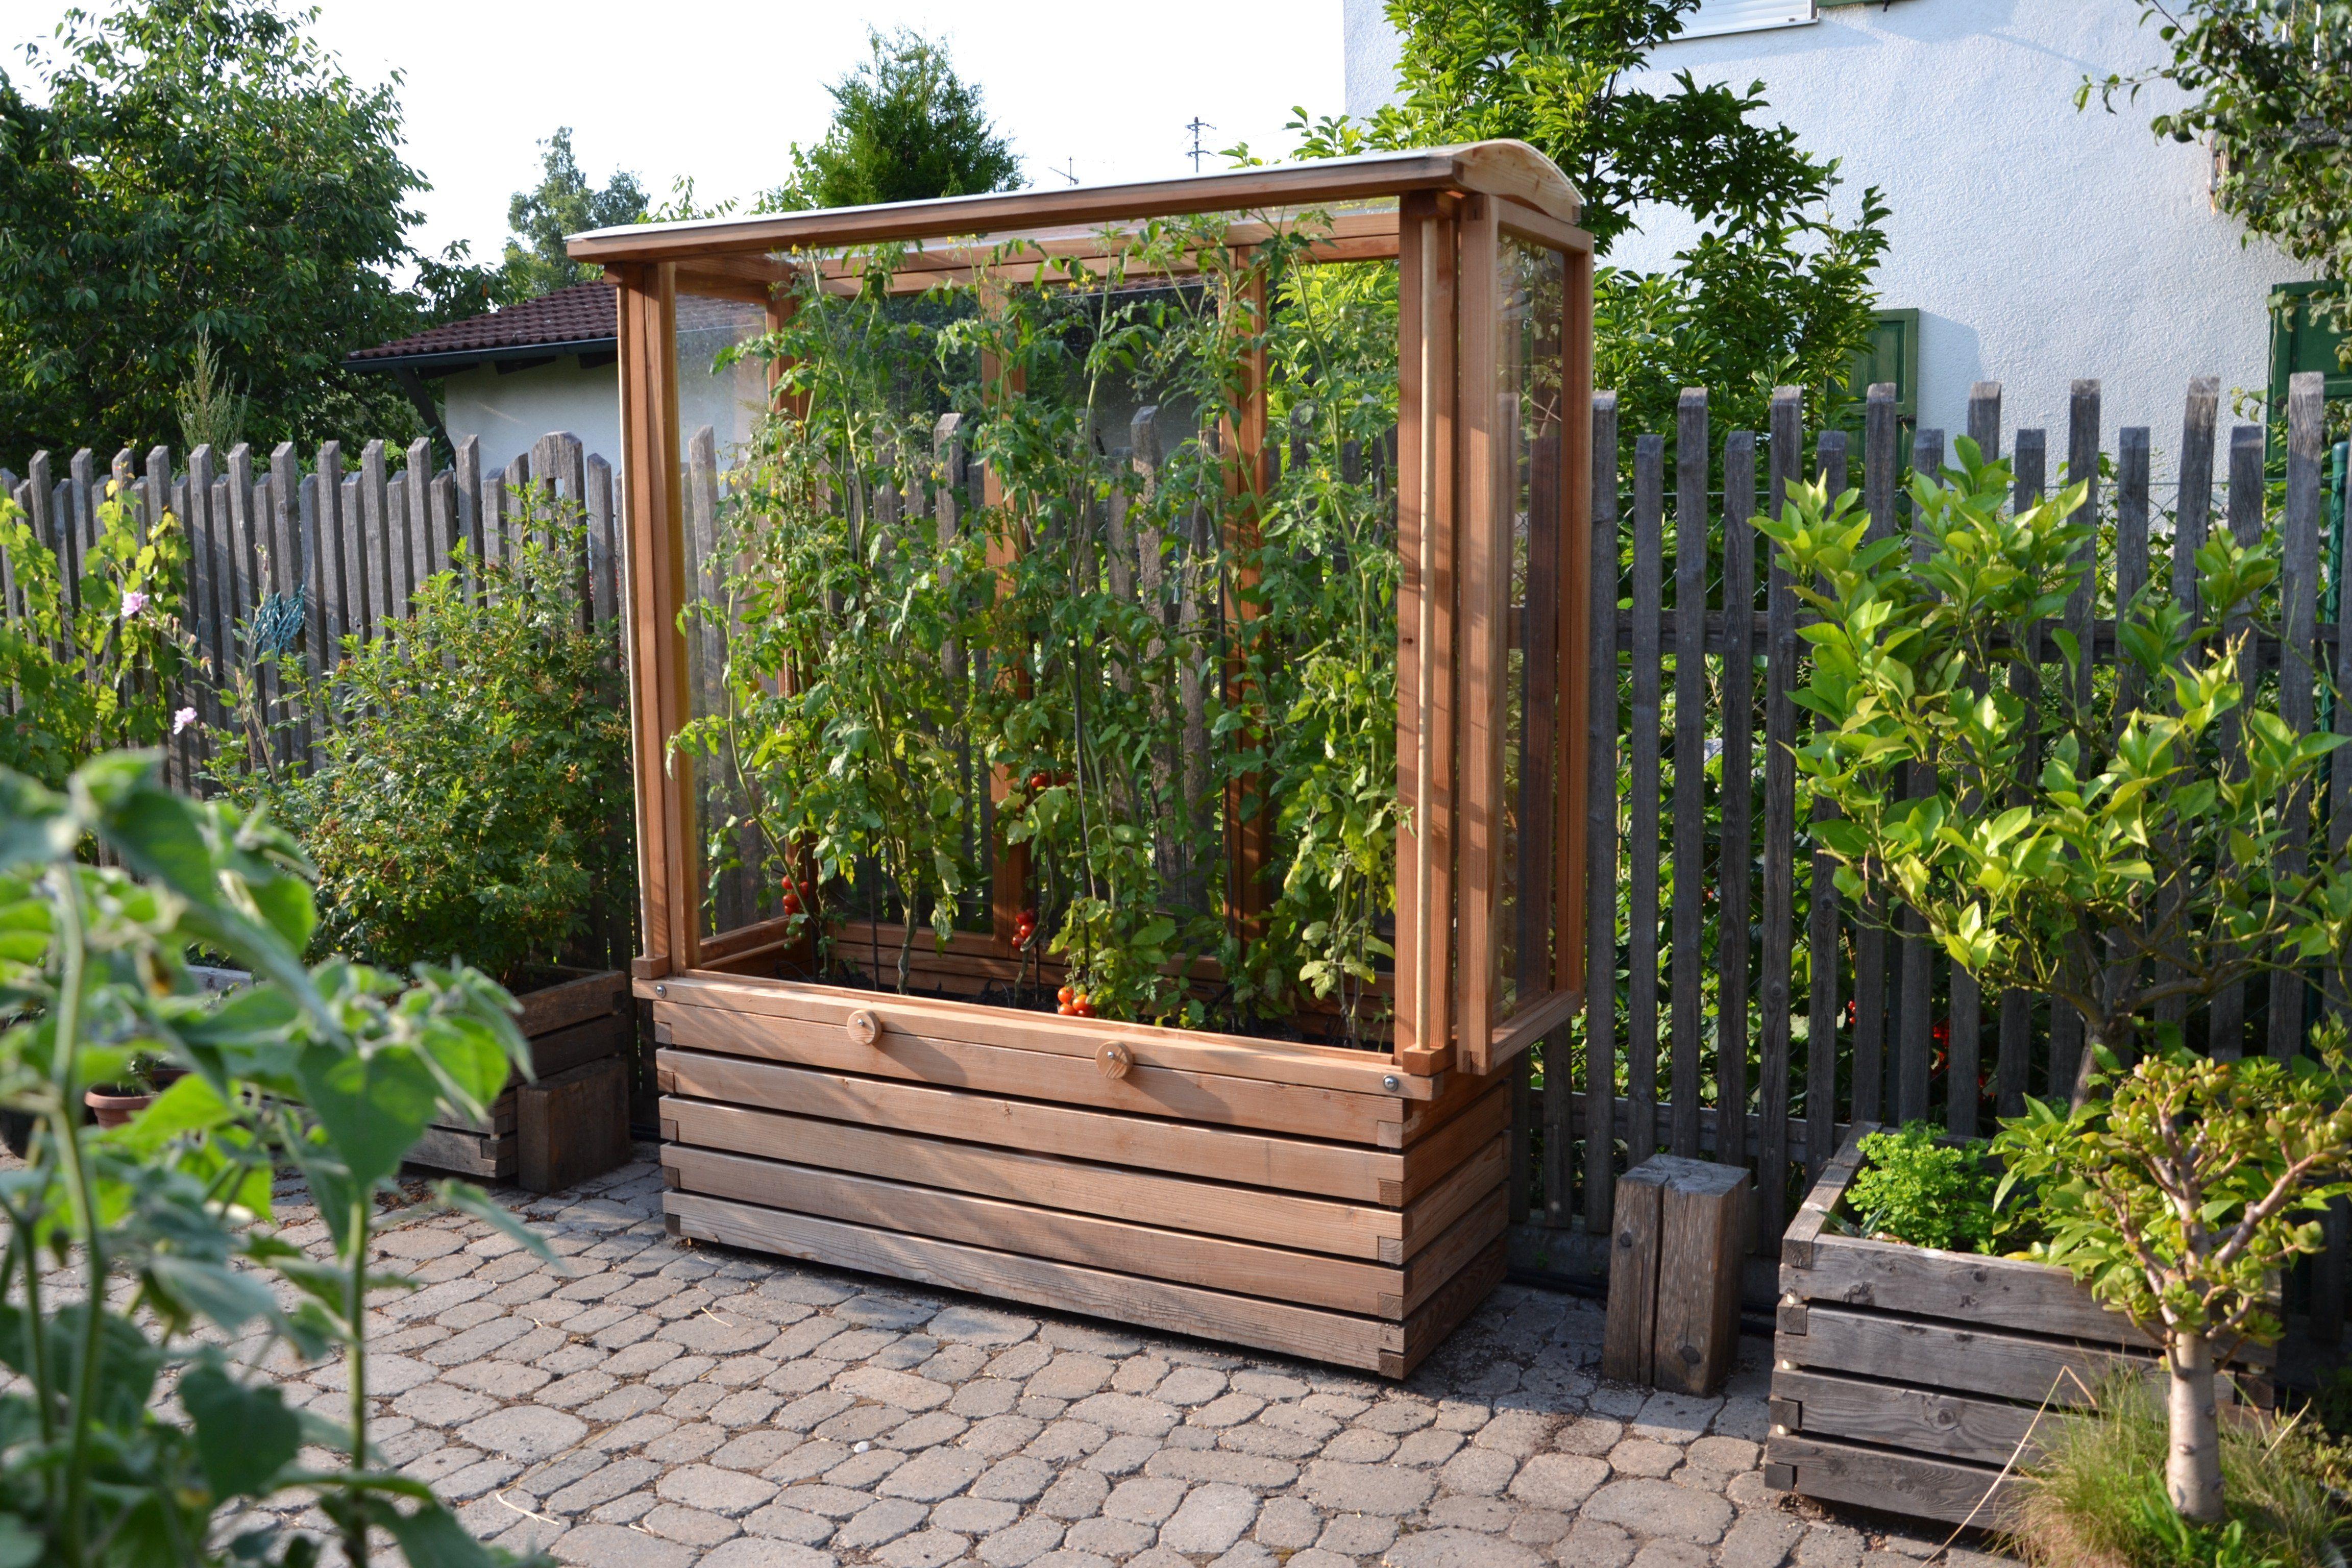 Tomatenhaus Auf Pflanzkasten Fur Balkon Und Terrasse 150cm Lange Tomaten Garten Tomaten Haus Pflanzen